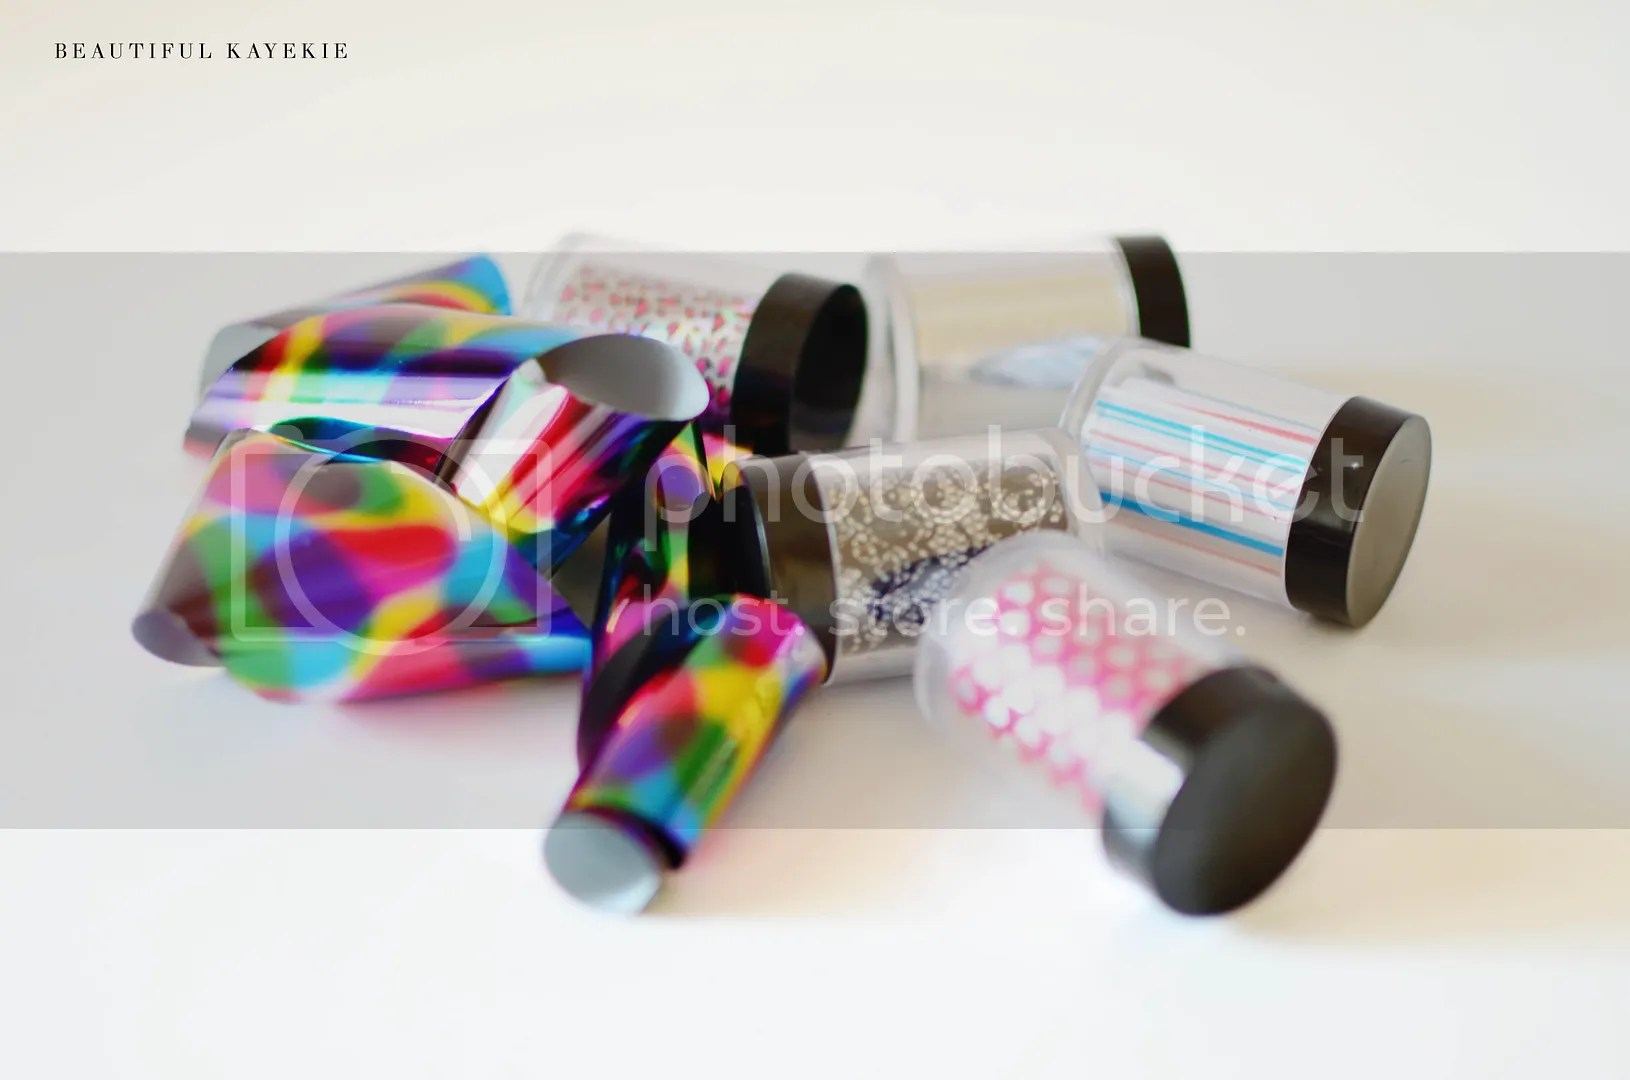 EpicNail foil nail art set